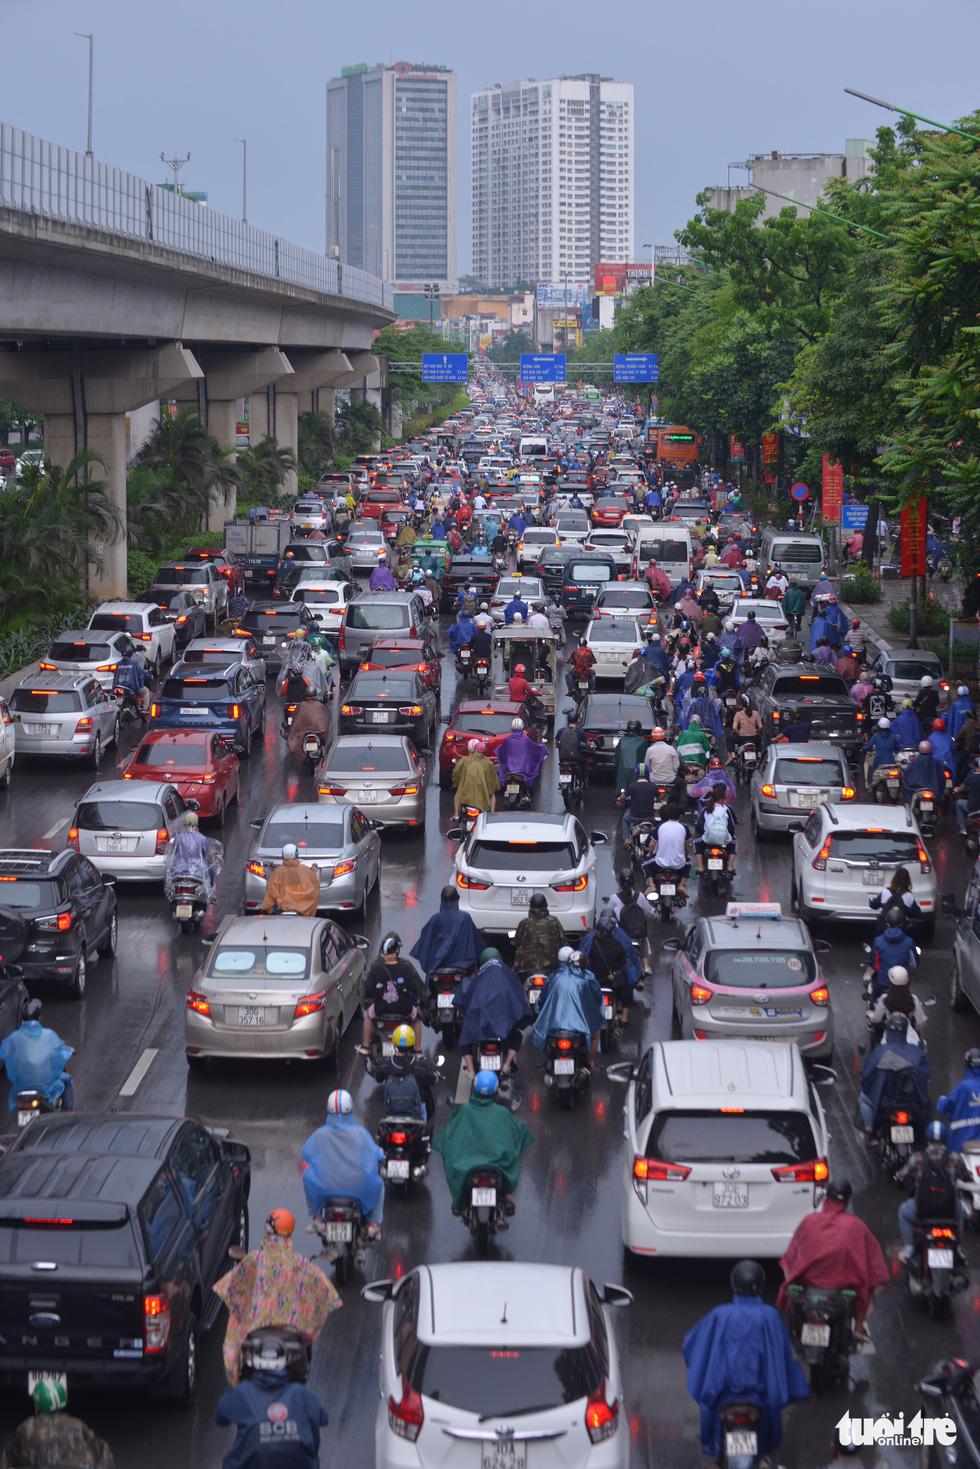 Ùn tắc khắp Hà Nội do mưa lớn, ban ngày nhưng trời tối đen như mực - Ảnh 3.